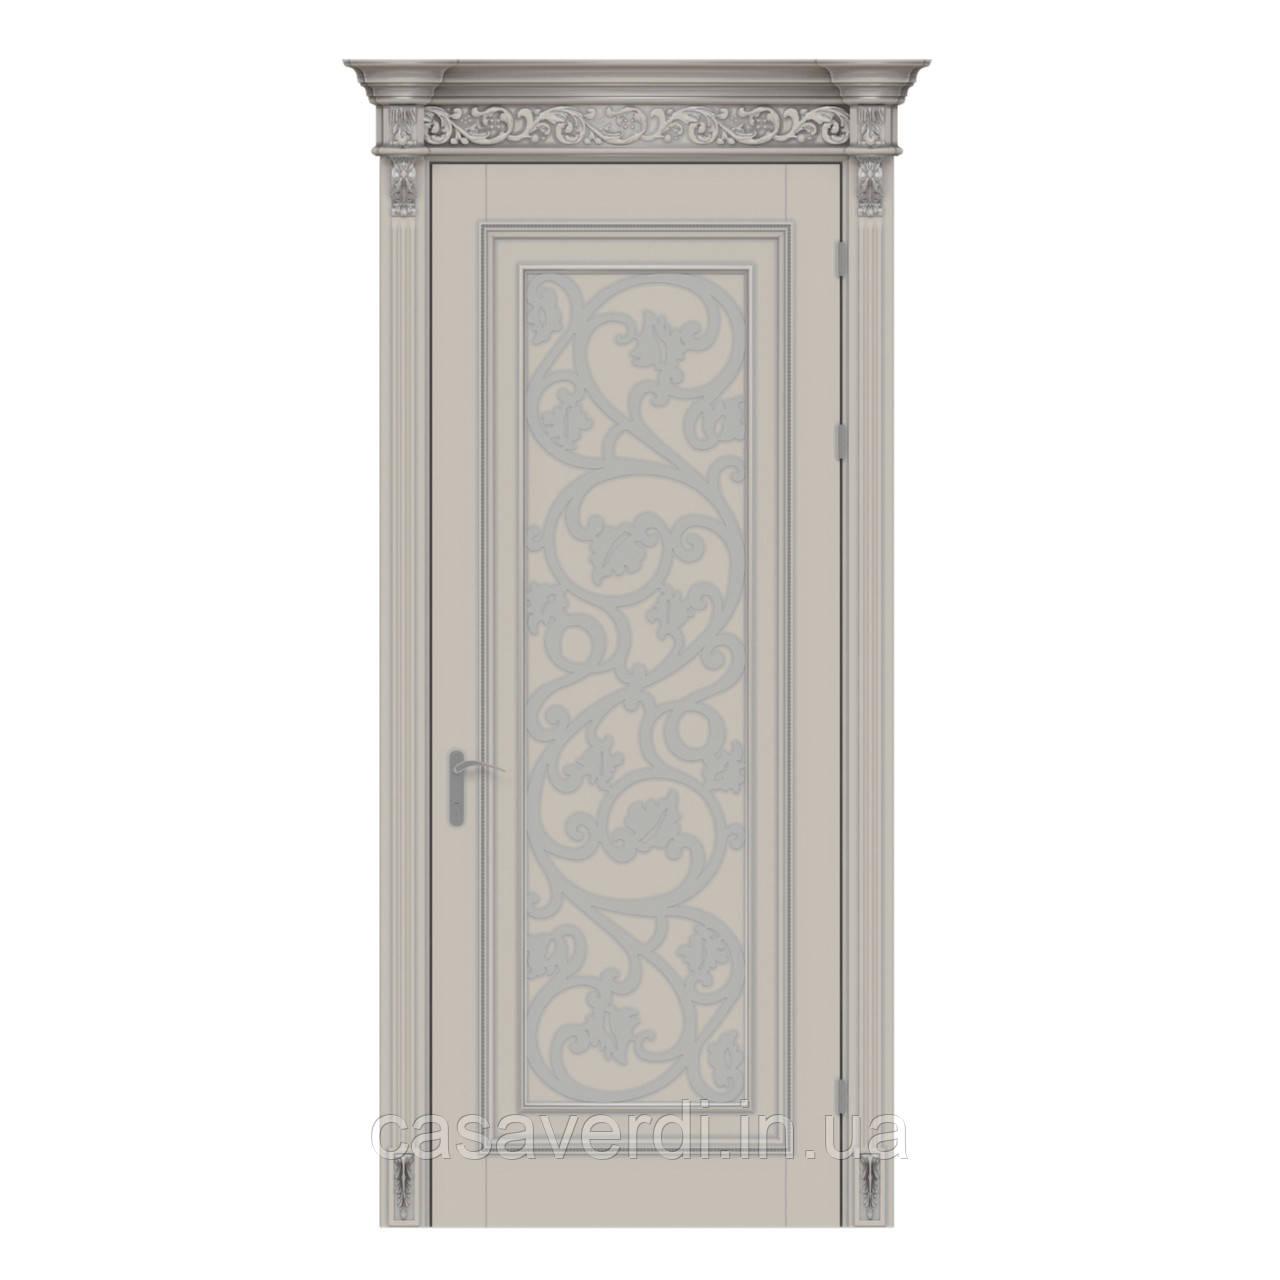 Міжкімнатні двері Casa Verdi Art Deco 2 з масиву вільхи